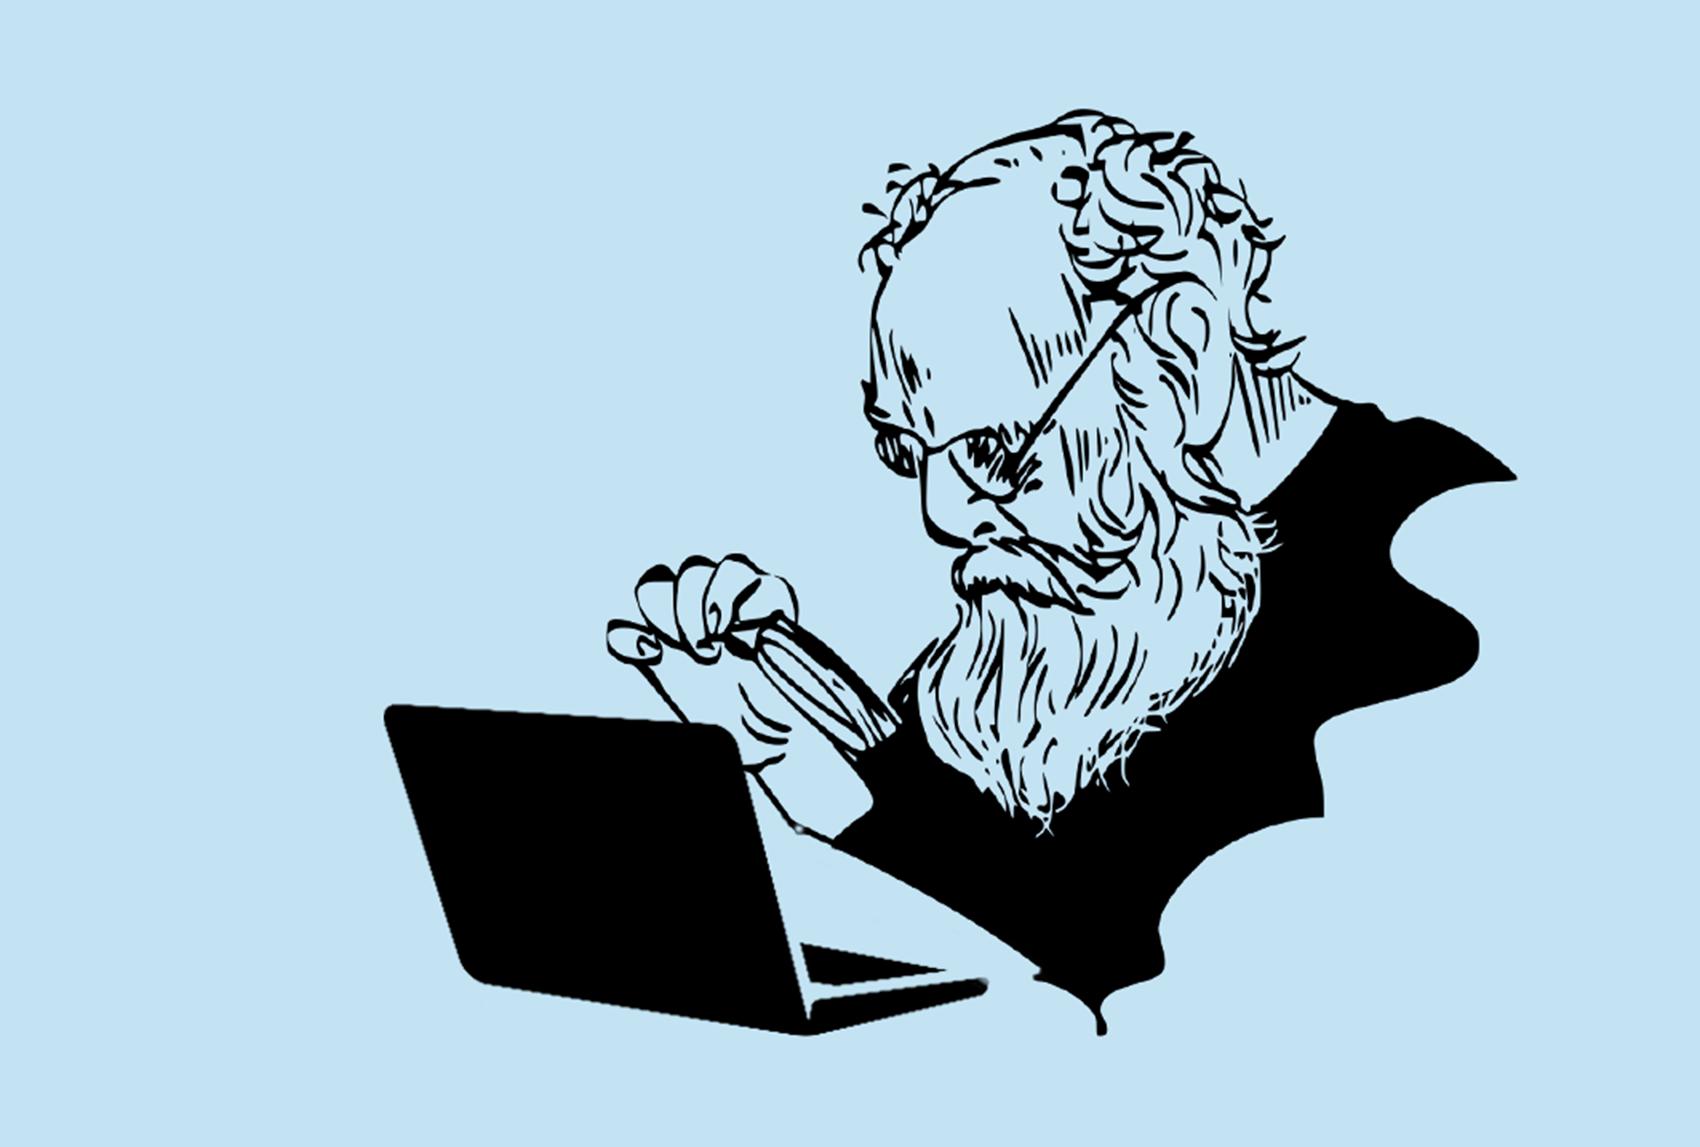 Kuvituksessa ikäihminen katsoo tietokoneen näyttöä suurennuslasin läpi.